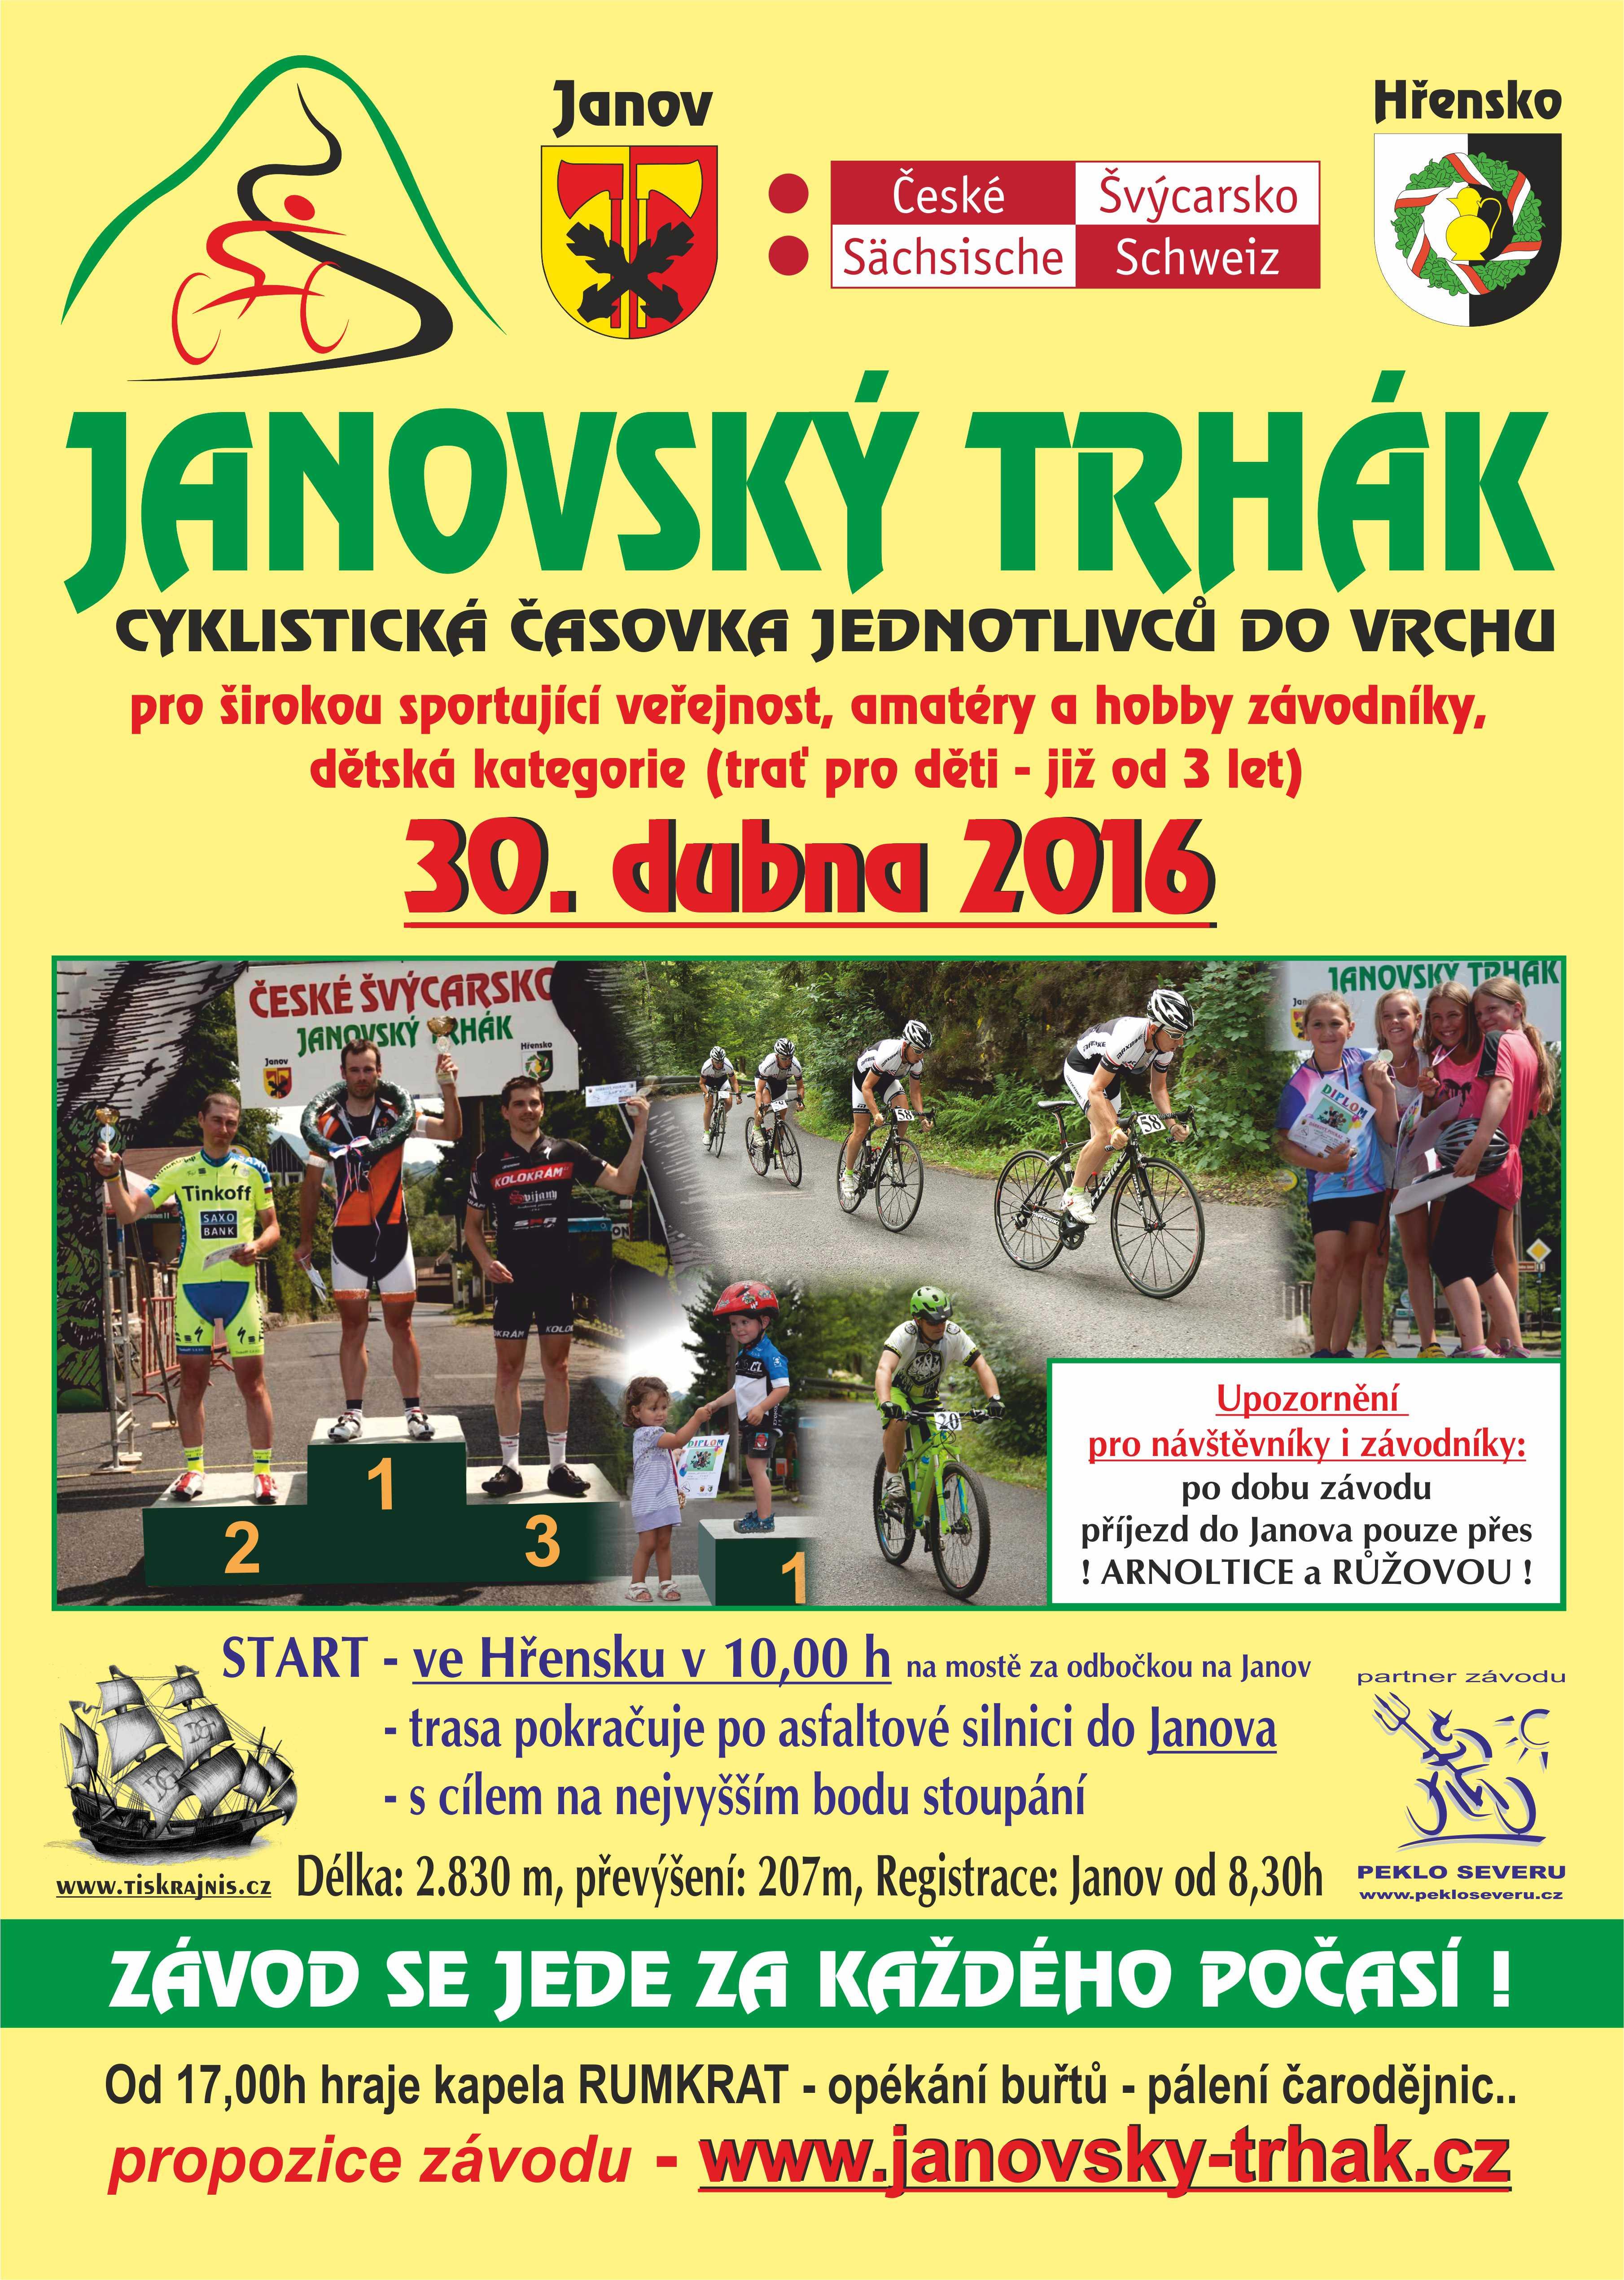 Janov - plakát 2016 Janovský trhák